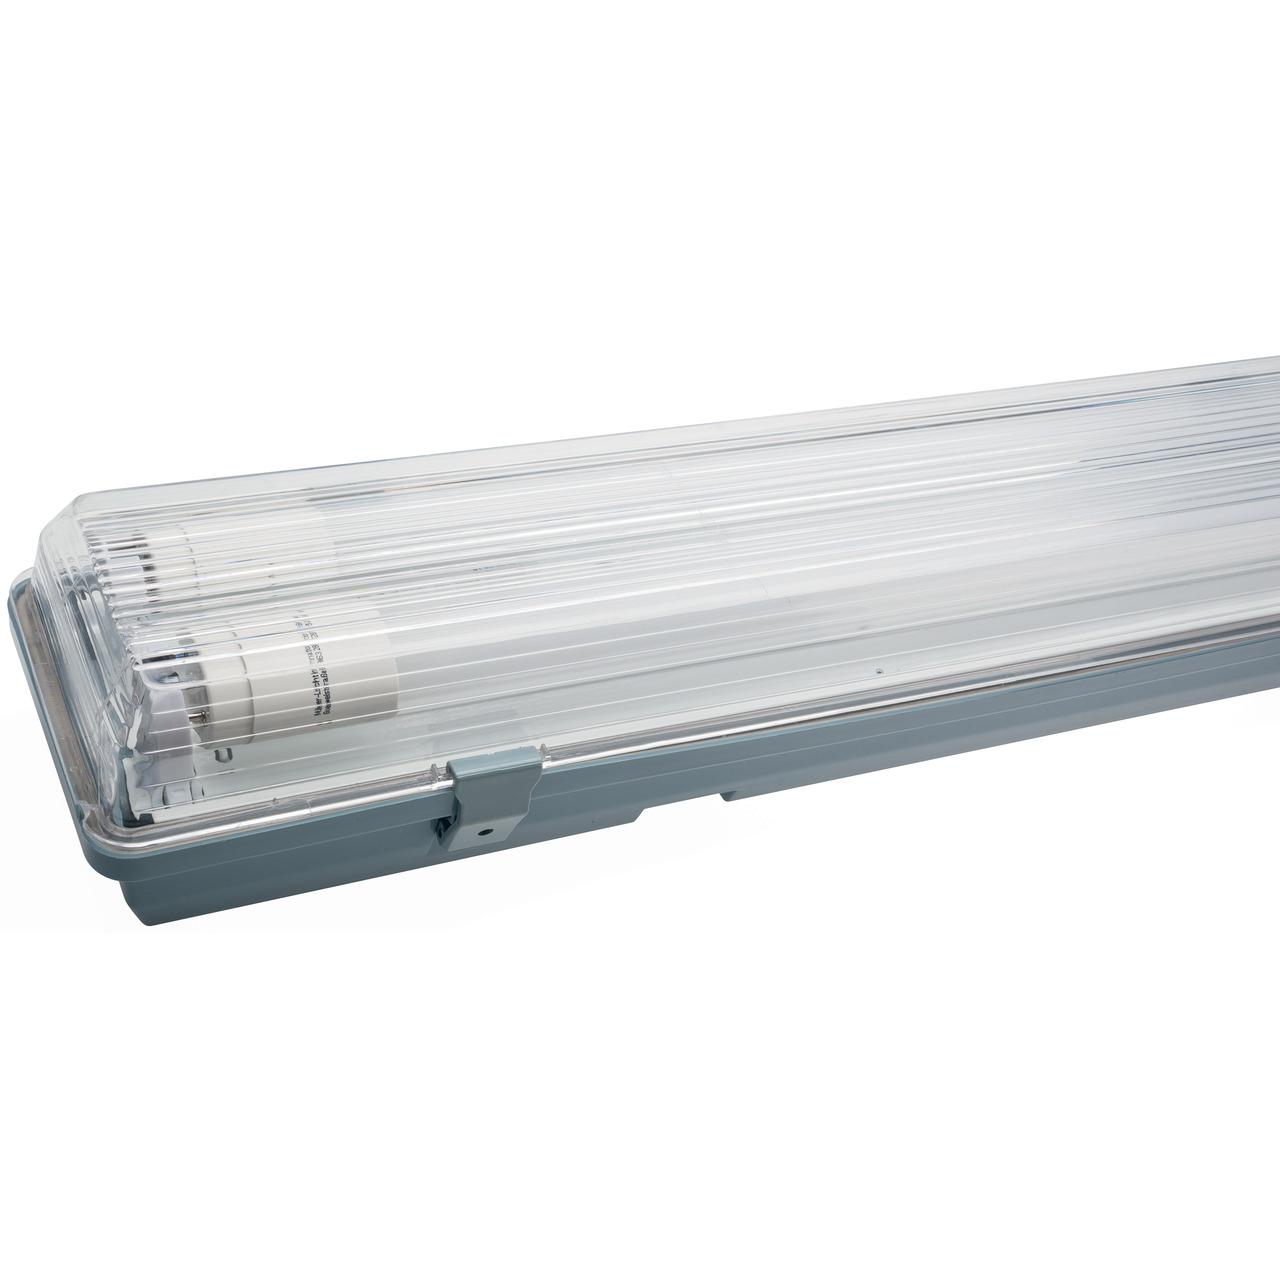 Müller Licht 24-W-LED-Feuchtraumwannenleuchte mit 2x12 W-Röhrenlampen- IP65